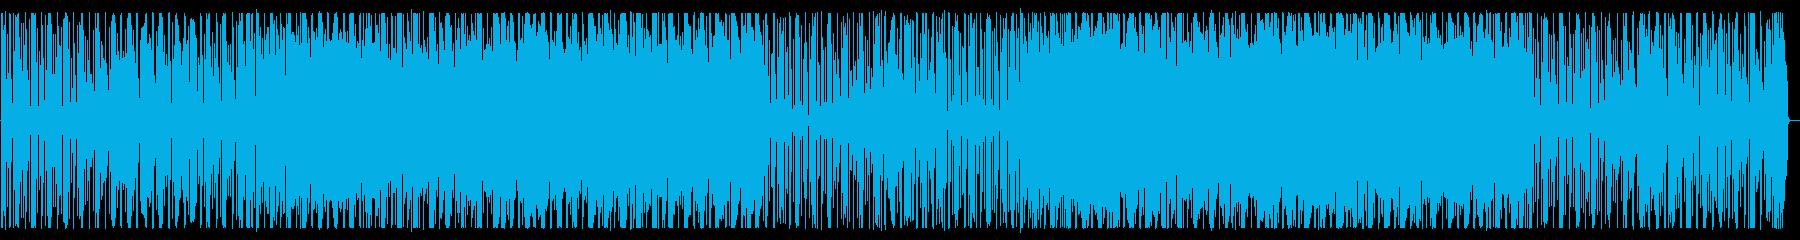 ルーズ/ロック_No592_1の再生済みの波形